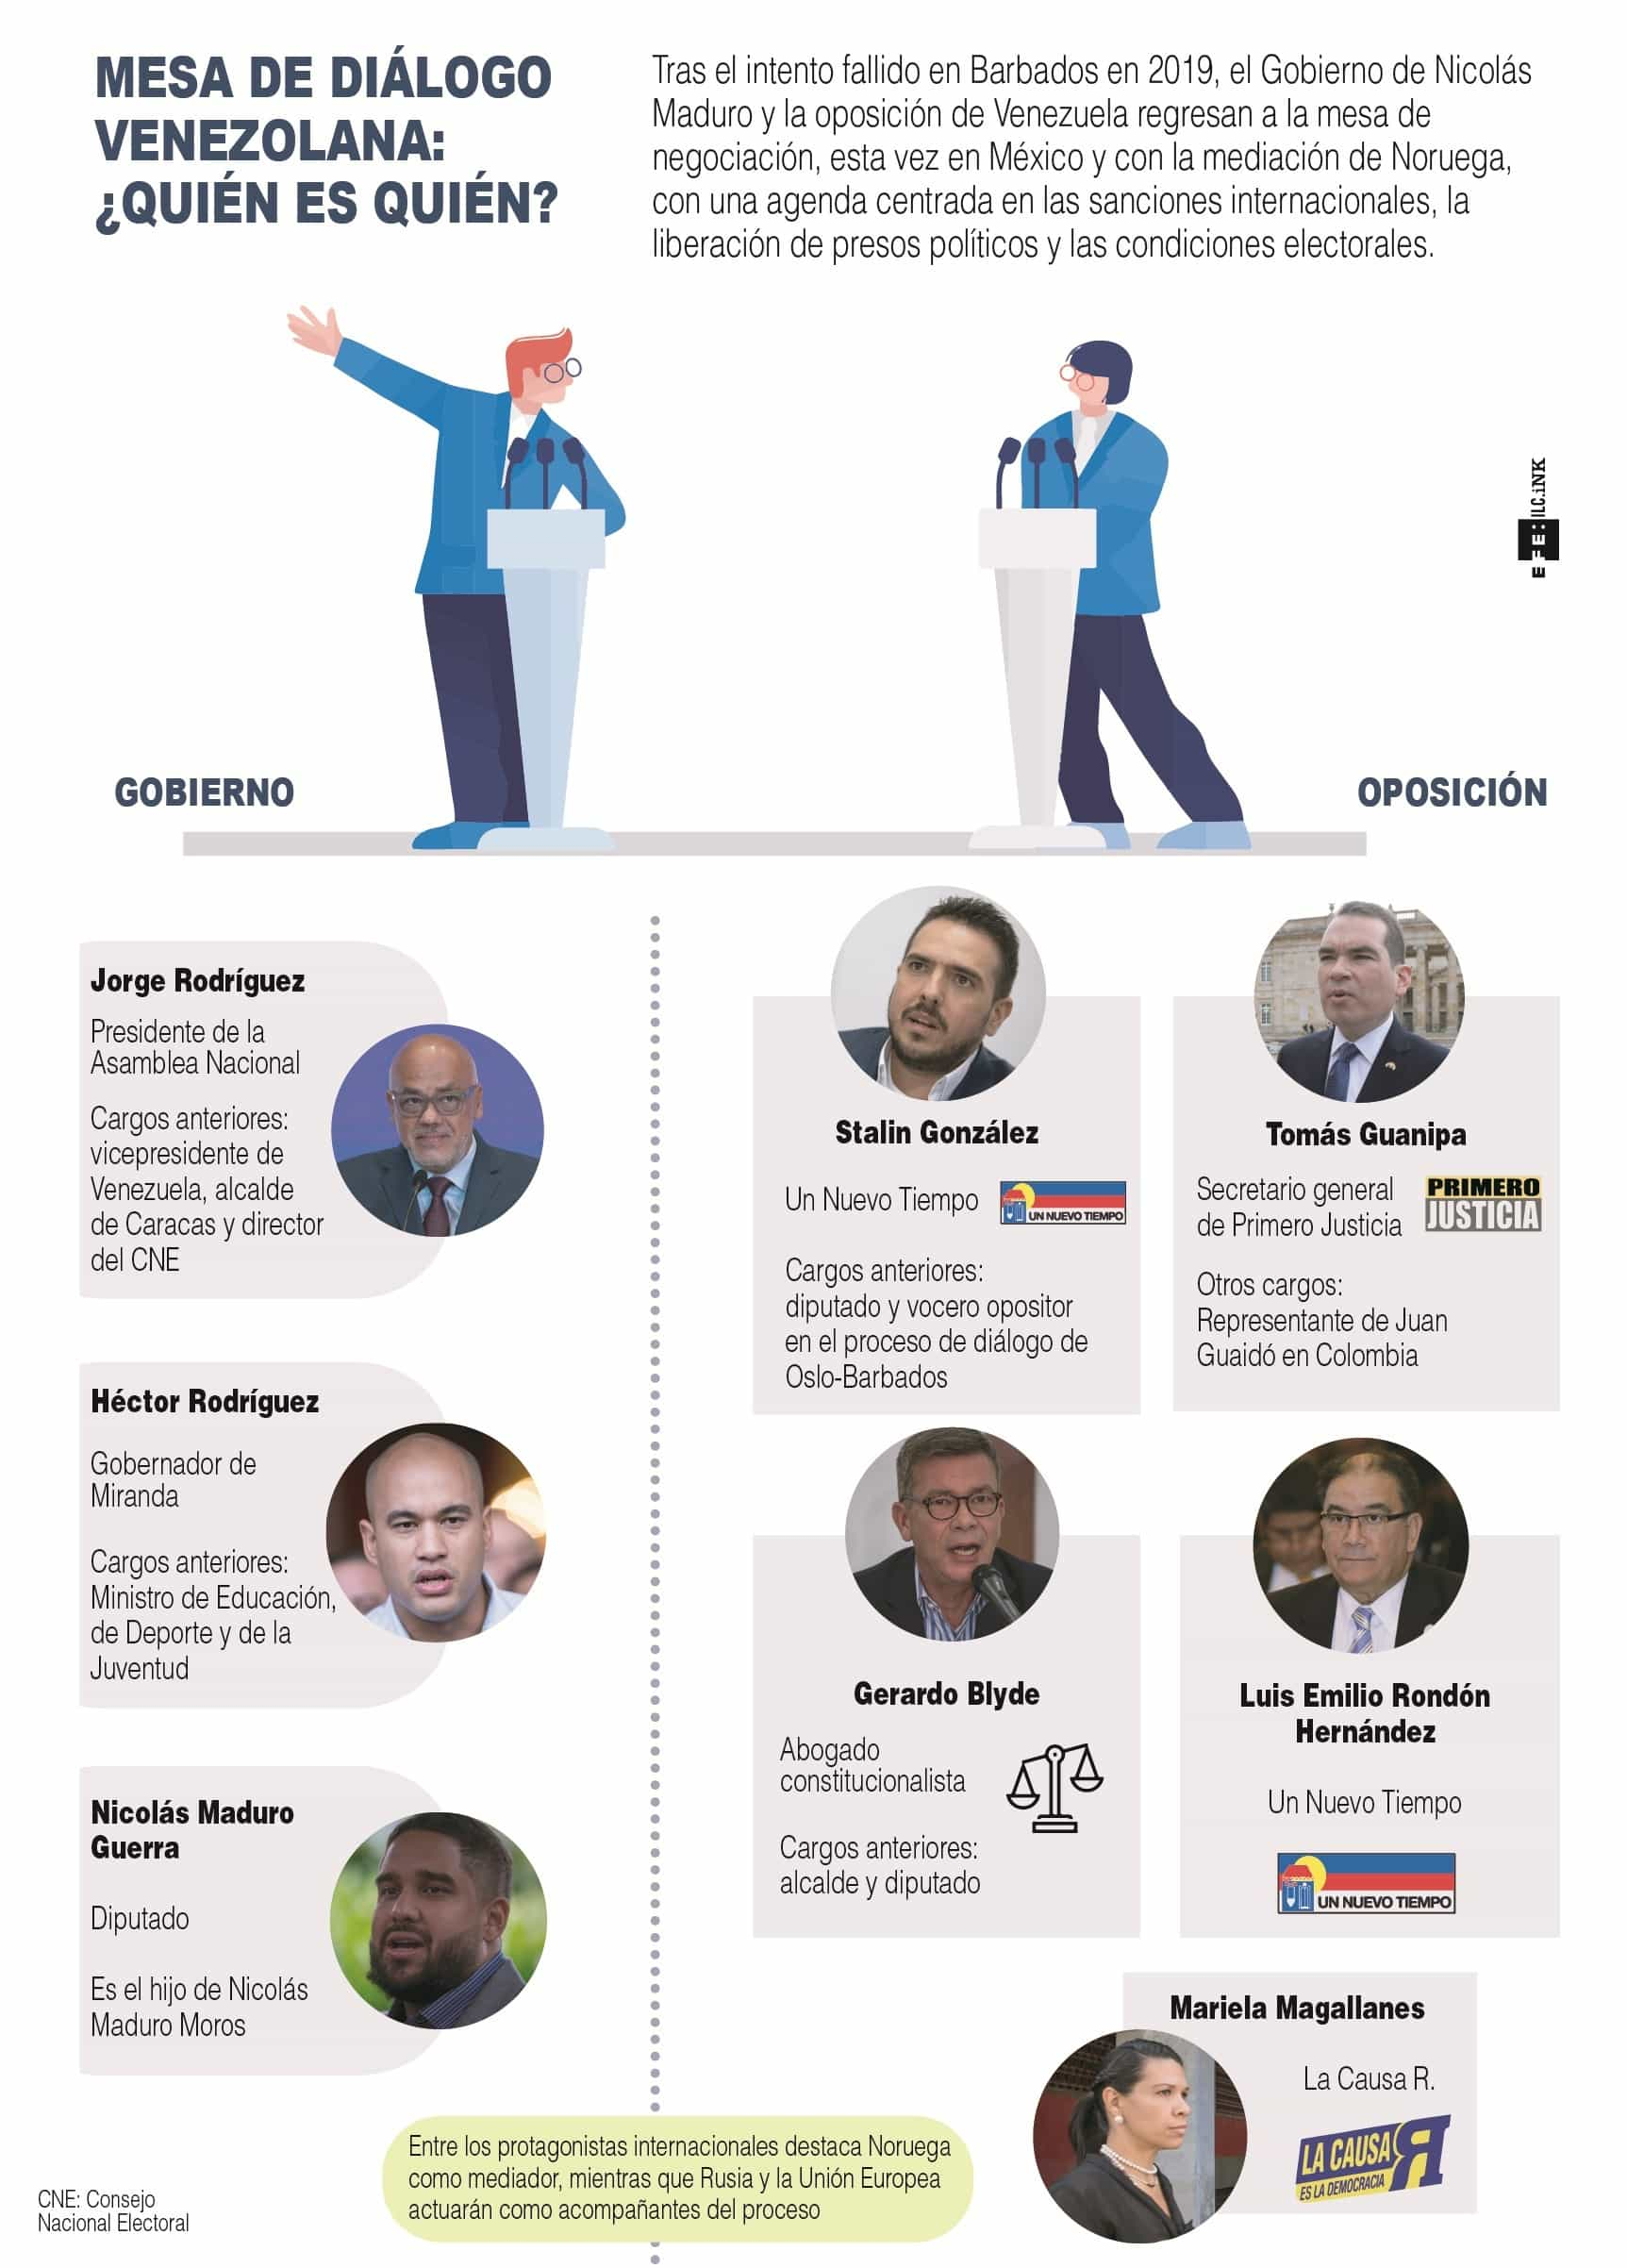 [Infografía] Mesa de diálogo venezolana: ¿Quién es quién? 1